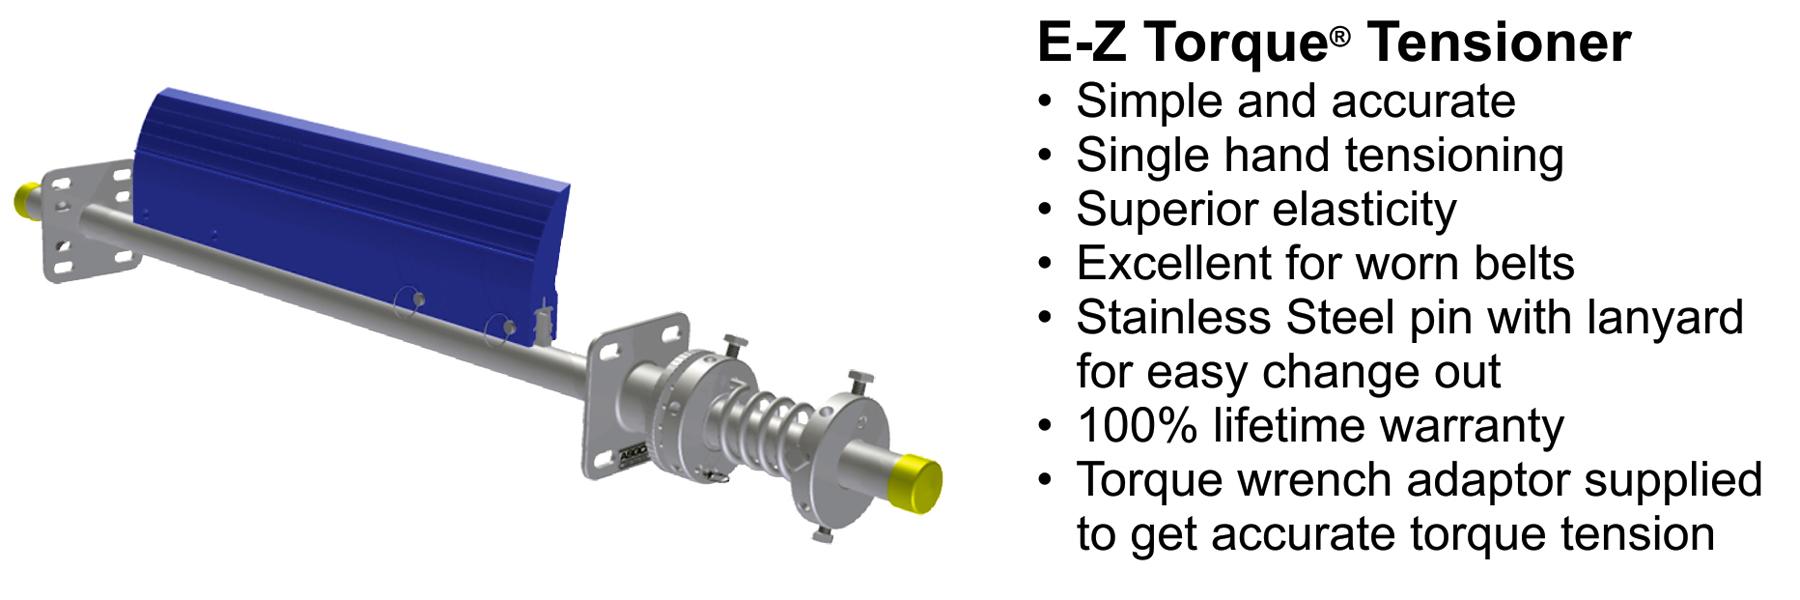 Skalper III w-E-Z Torque Image -Type